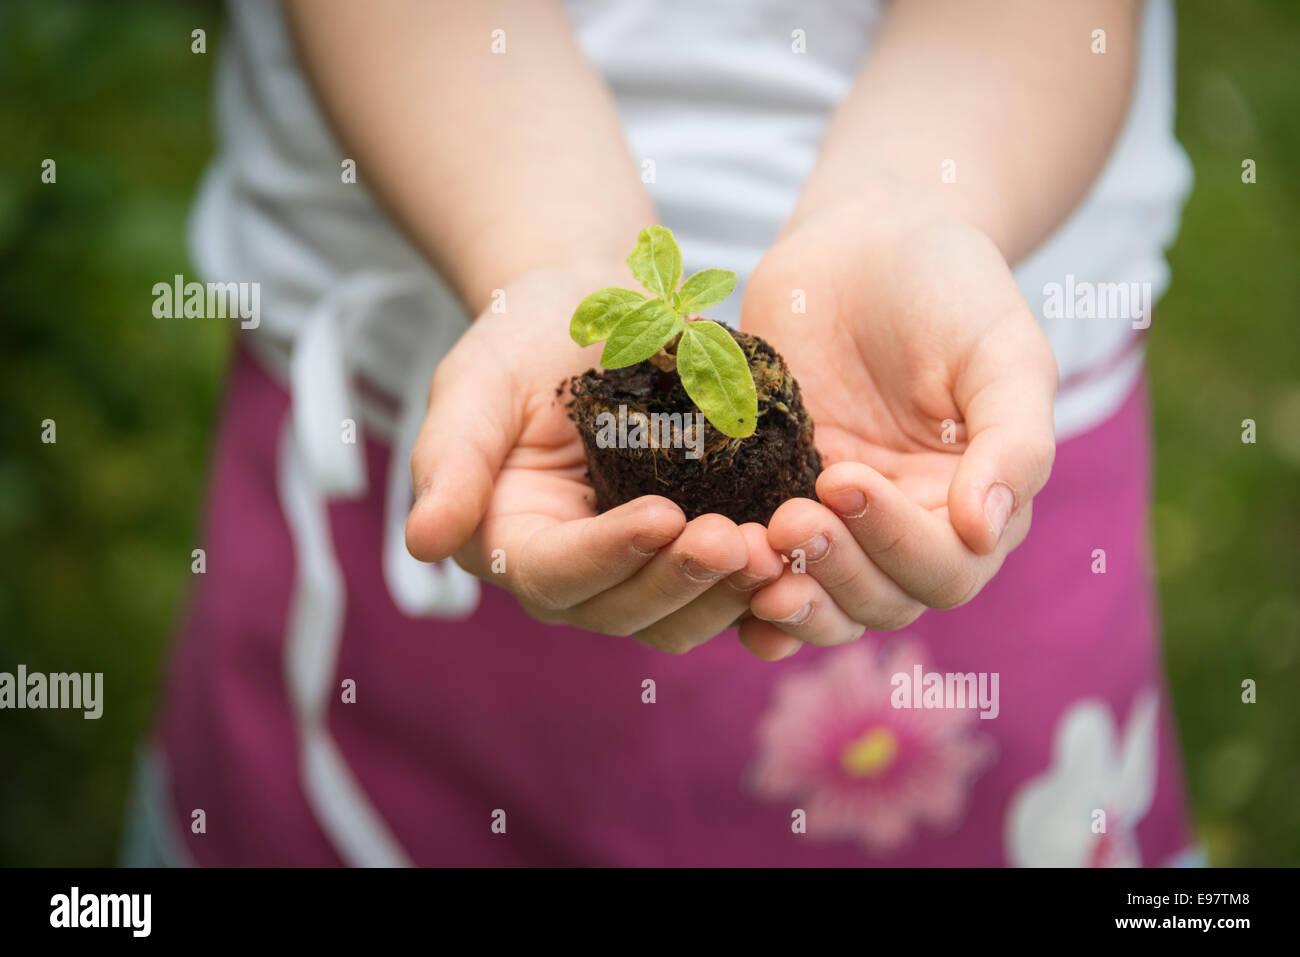 Kleines Mädchen, Gartenarbeit, Sämling in den Händen halten Stockbild